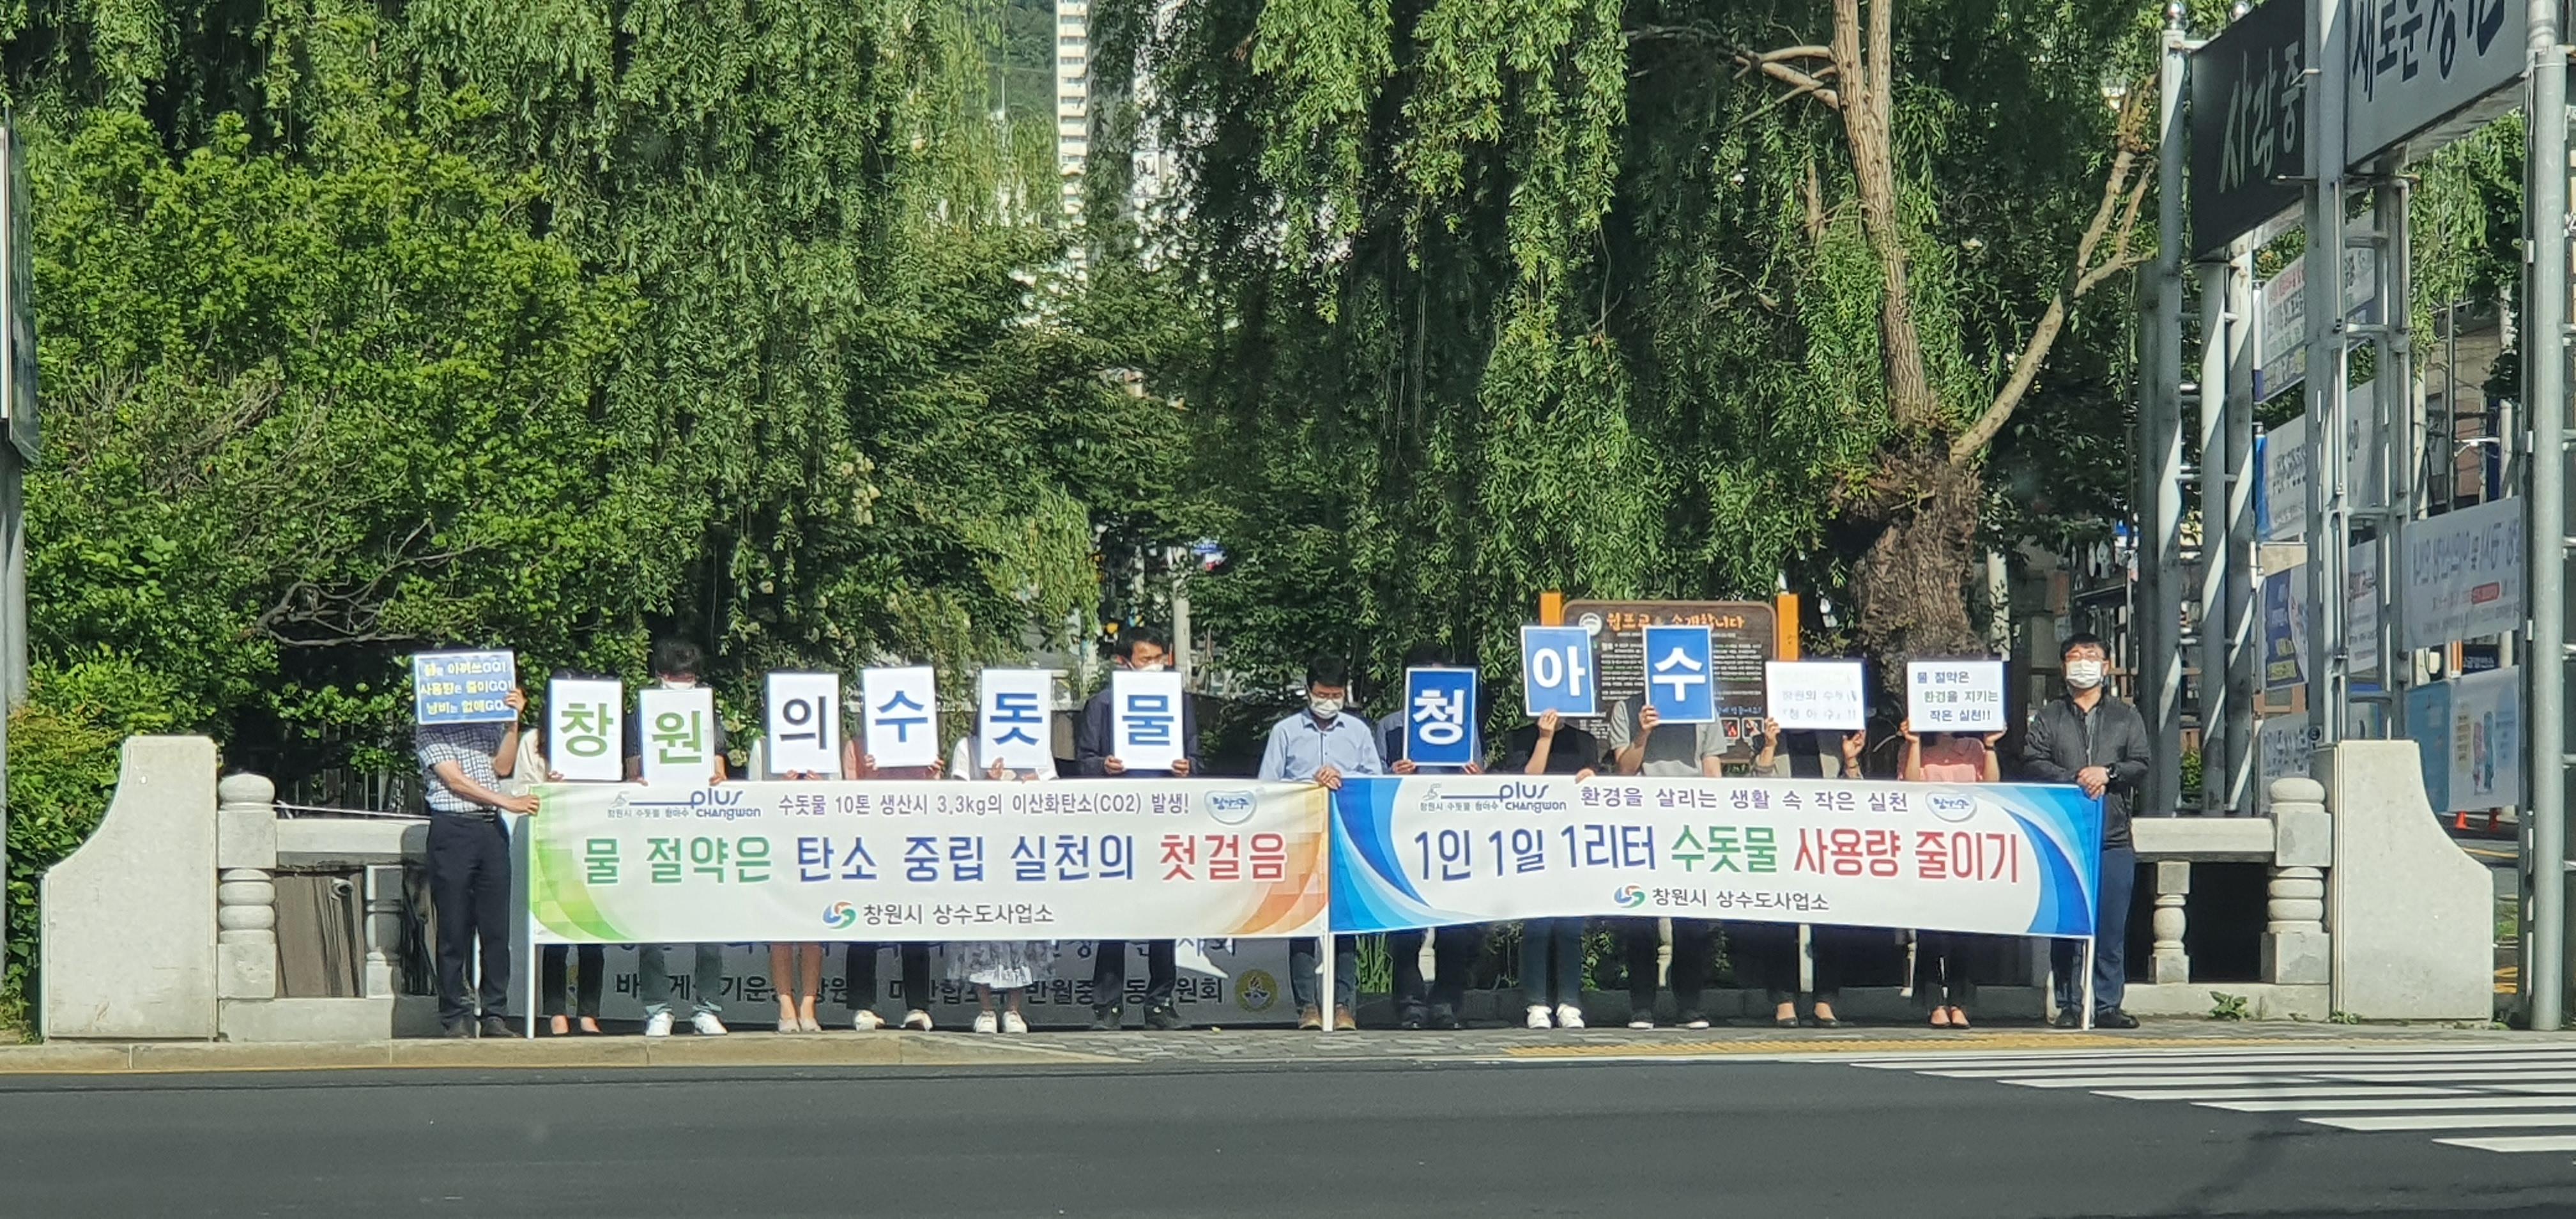 출근길에 만난 창원의 수돗물 청아수 홍보 캠페인이 반가운 이유